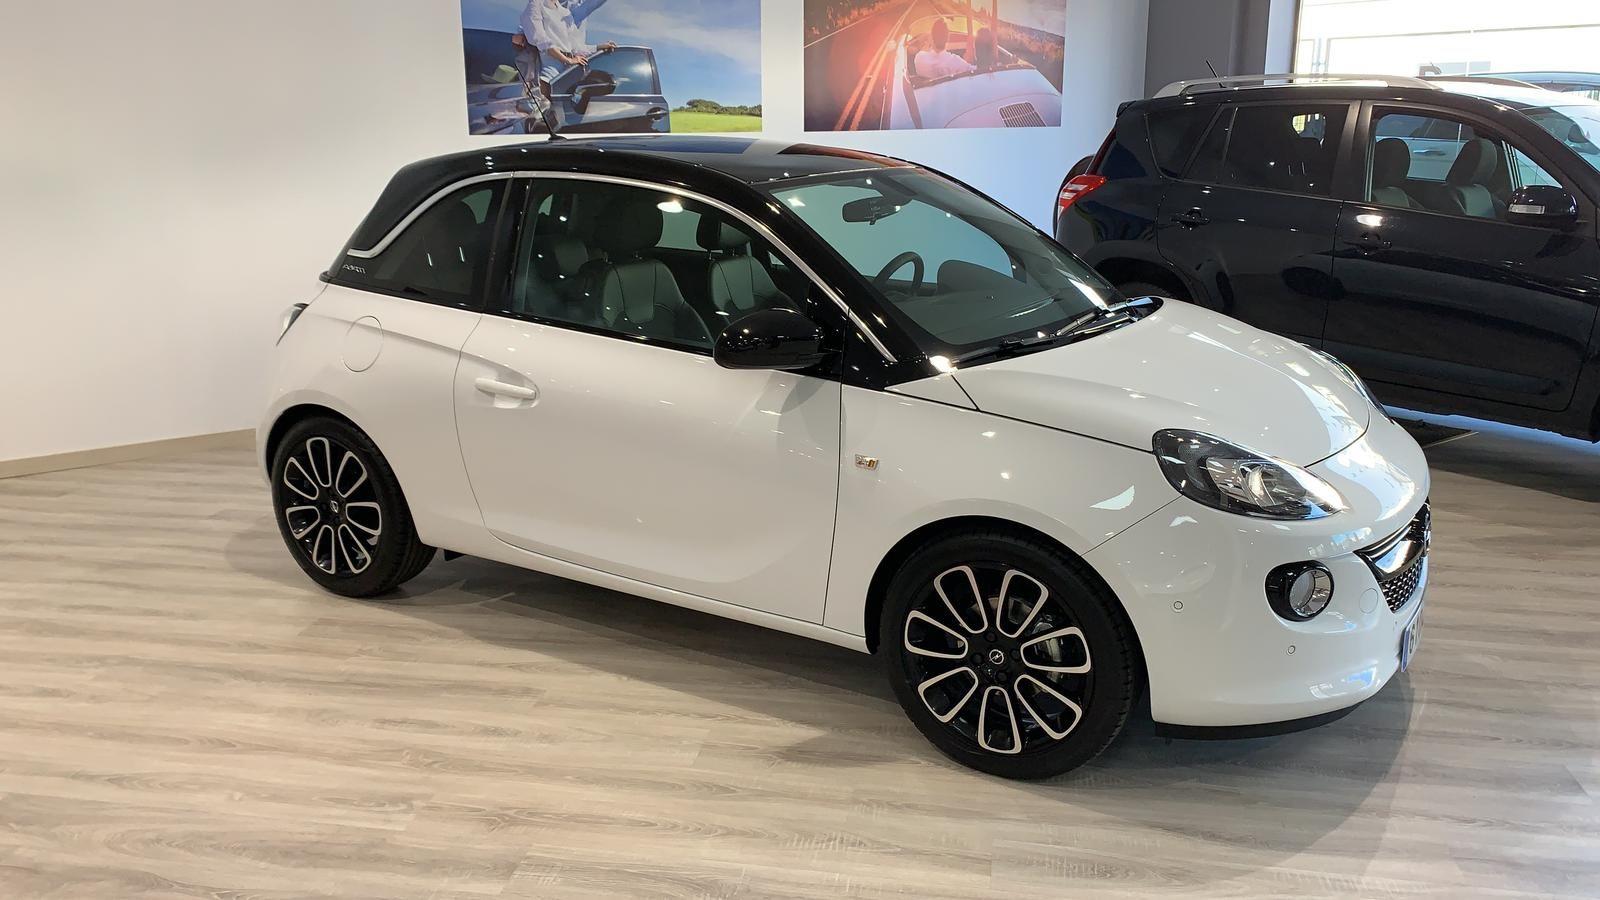 Opel Adam Glam 1.4 100cv Gasolina de KM0 por 12600€*